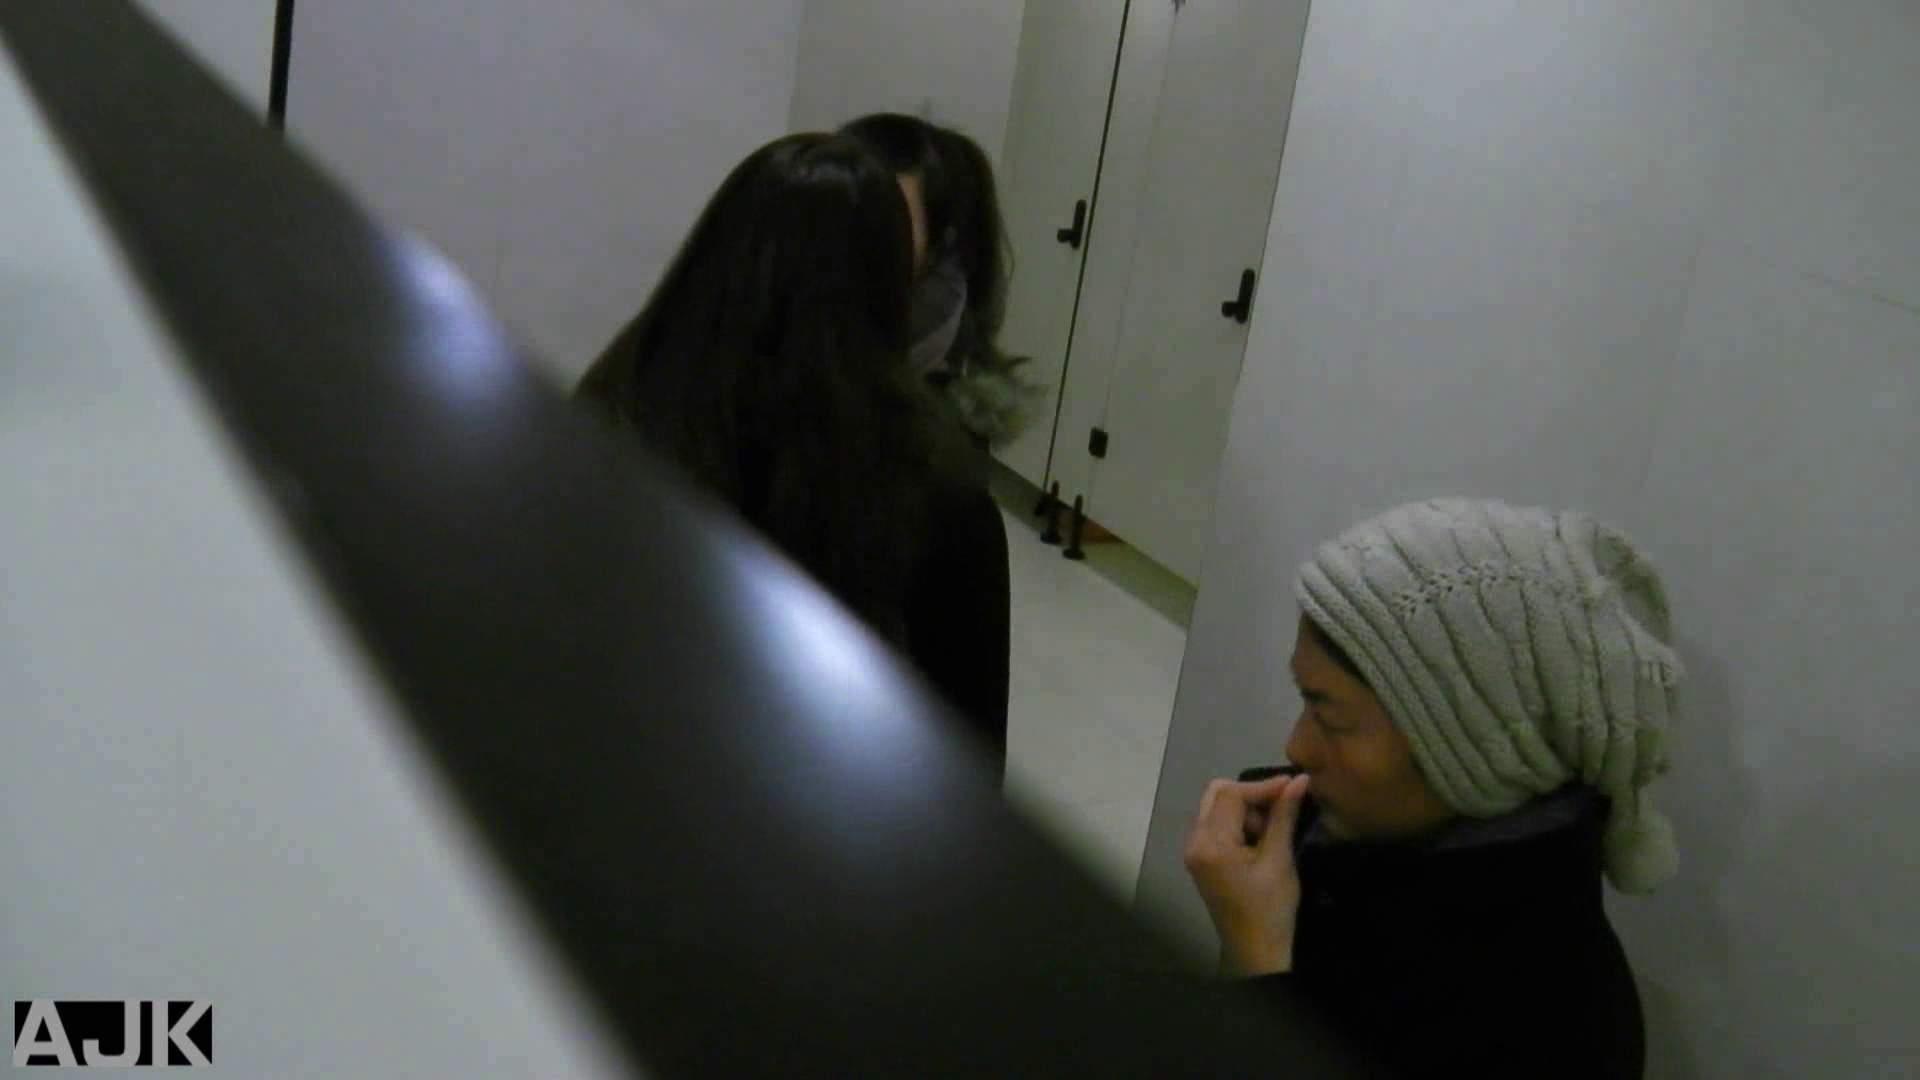 隣国上階級エリアの令嬢たちが集うデパートお手洗い Vol.07 便所の中まで AV動画キャプチャ 111枚 74